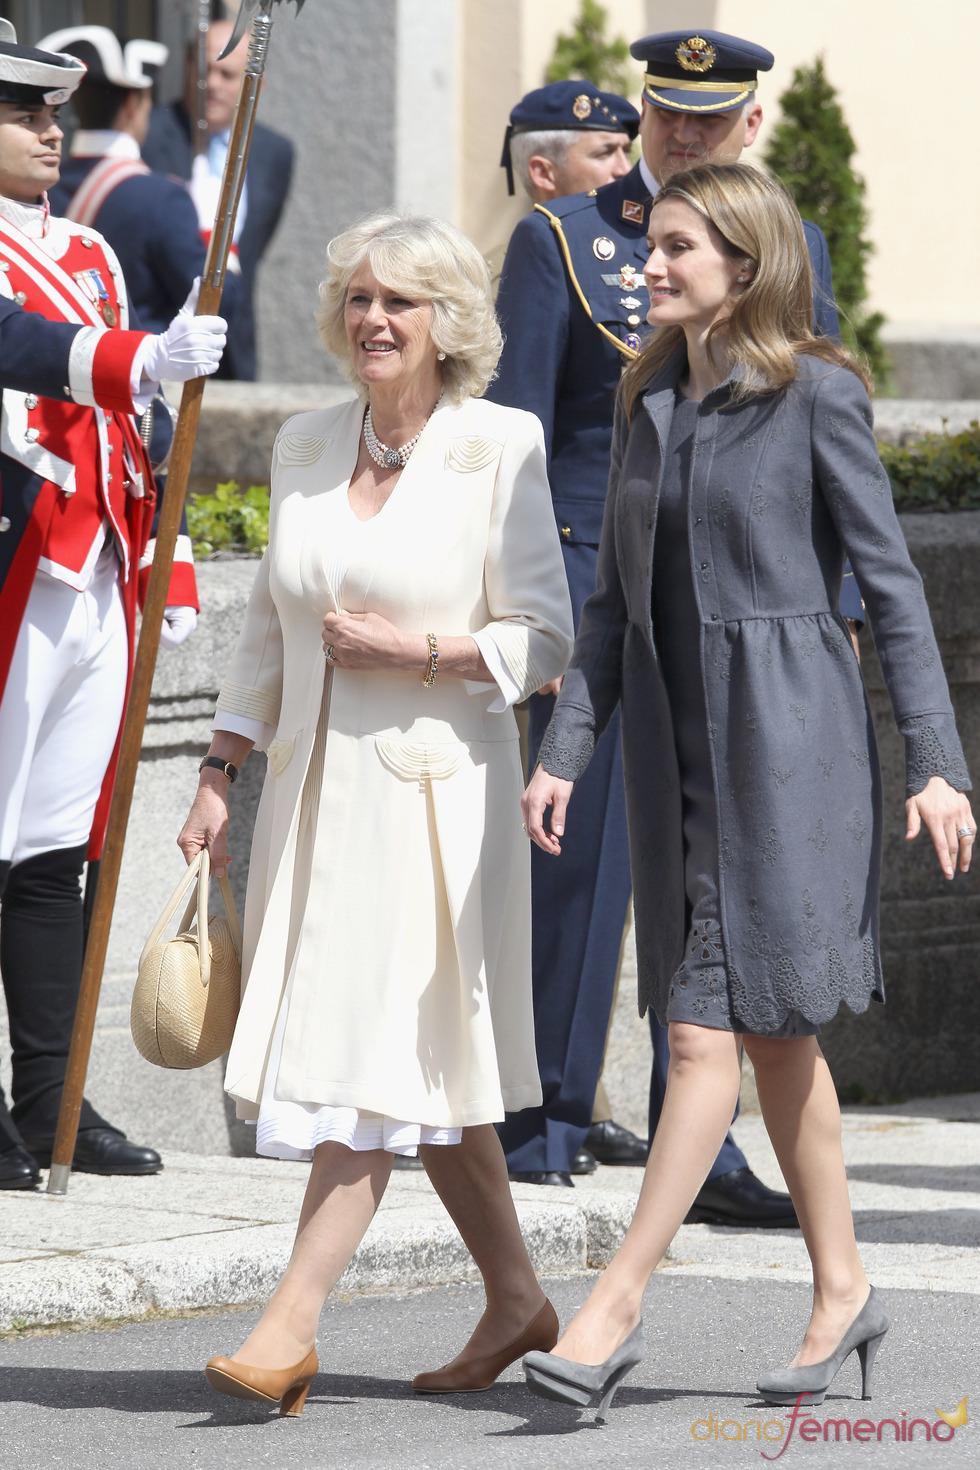 La Princesa de Asturias y Camilla Parker Bowles en el Palacio de El Pardo